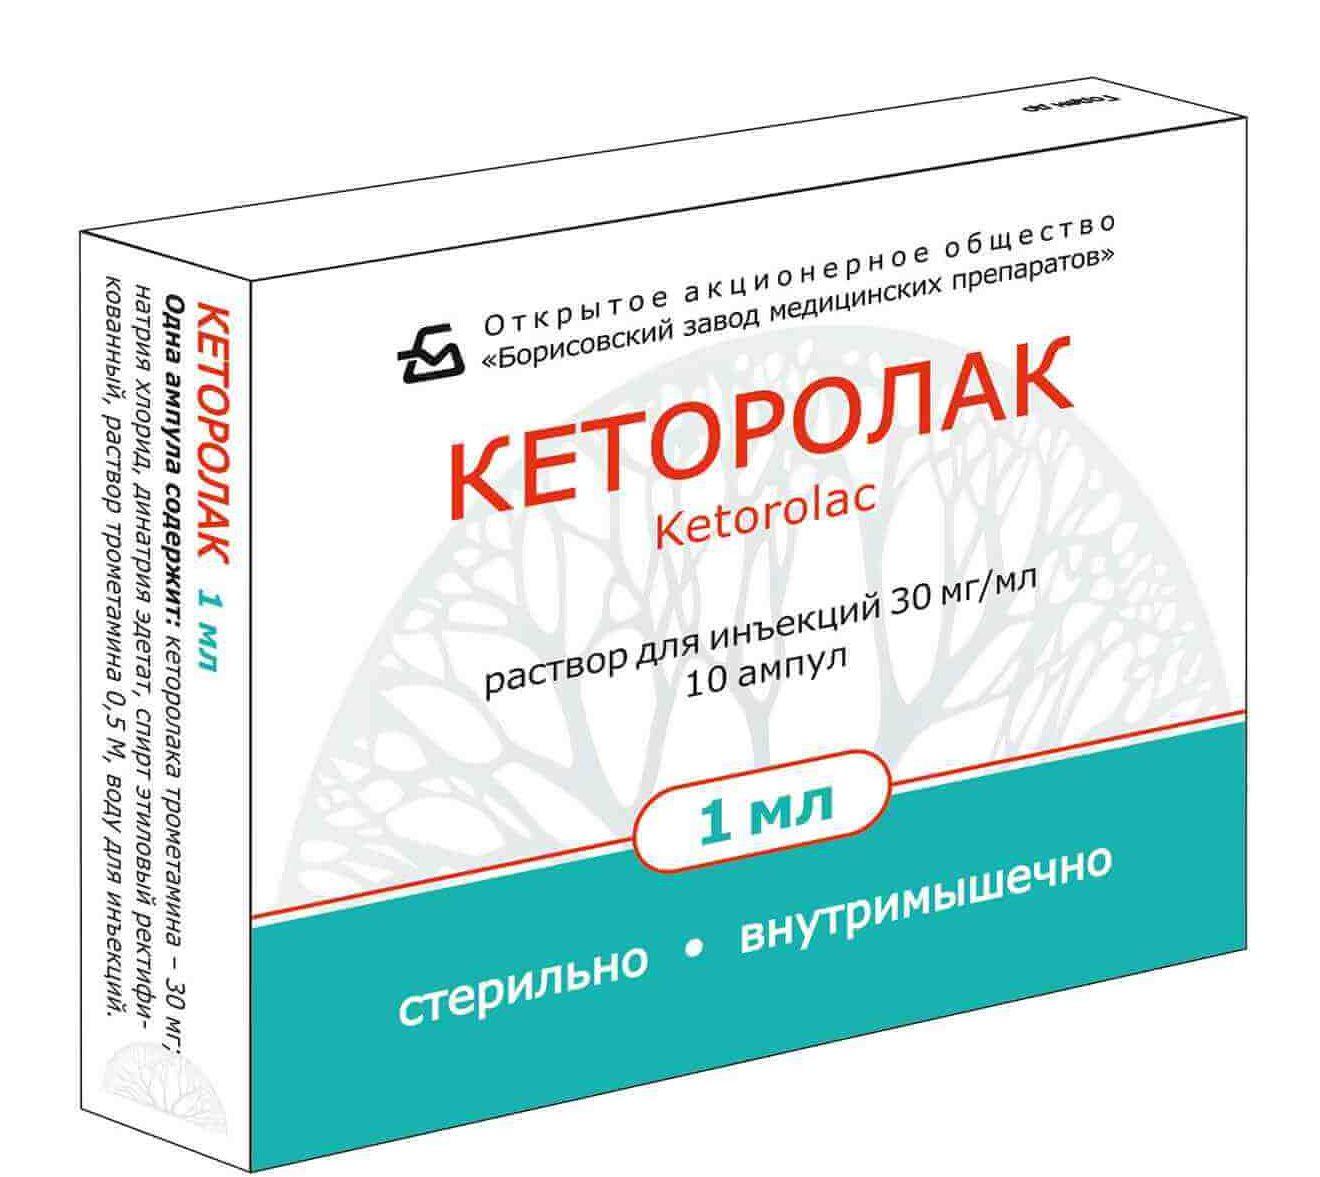 cu durere articulară ketorol